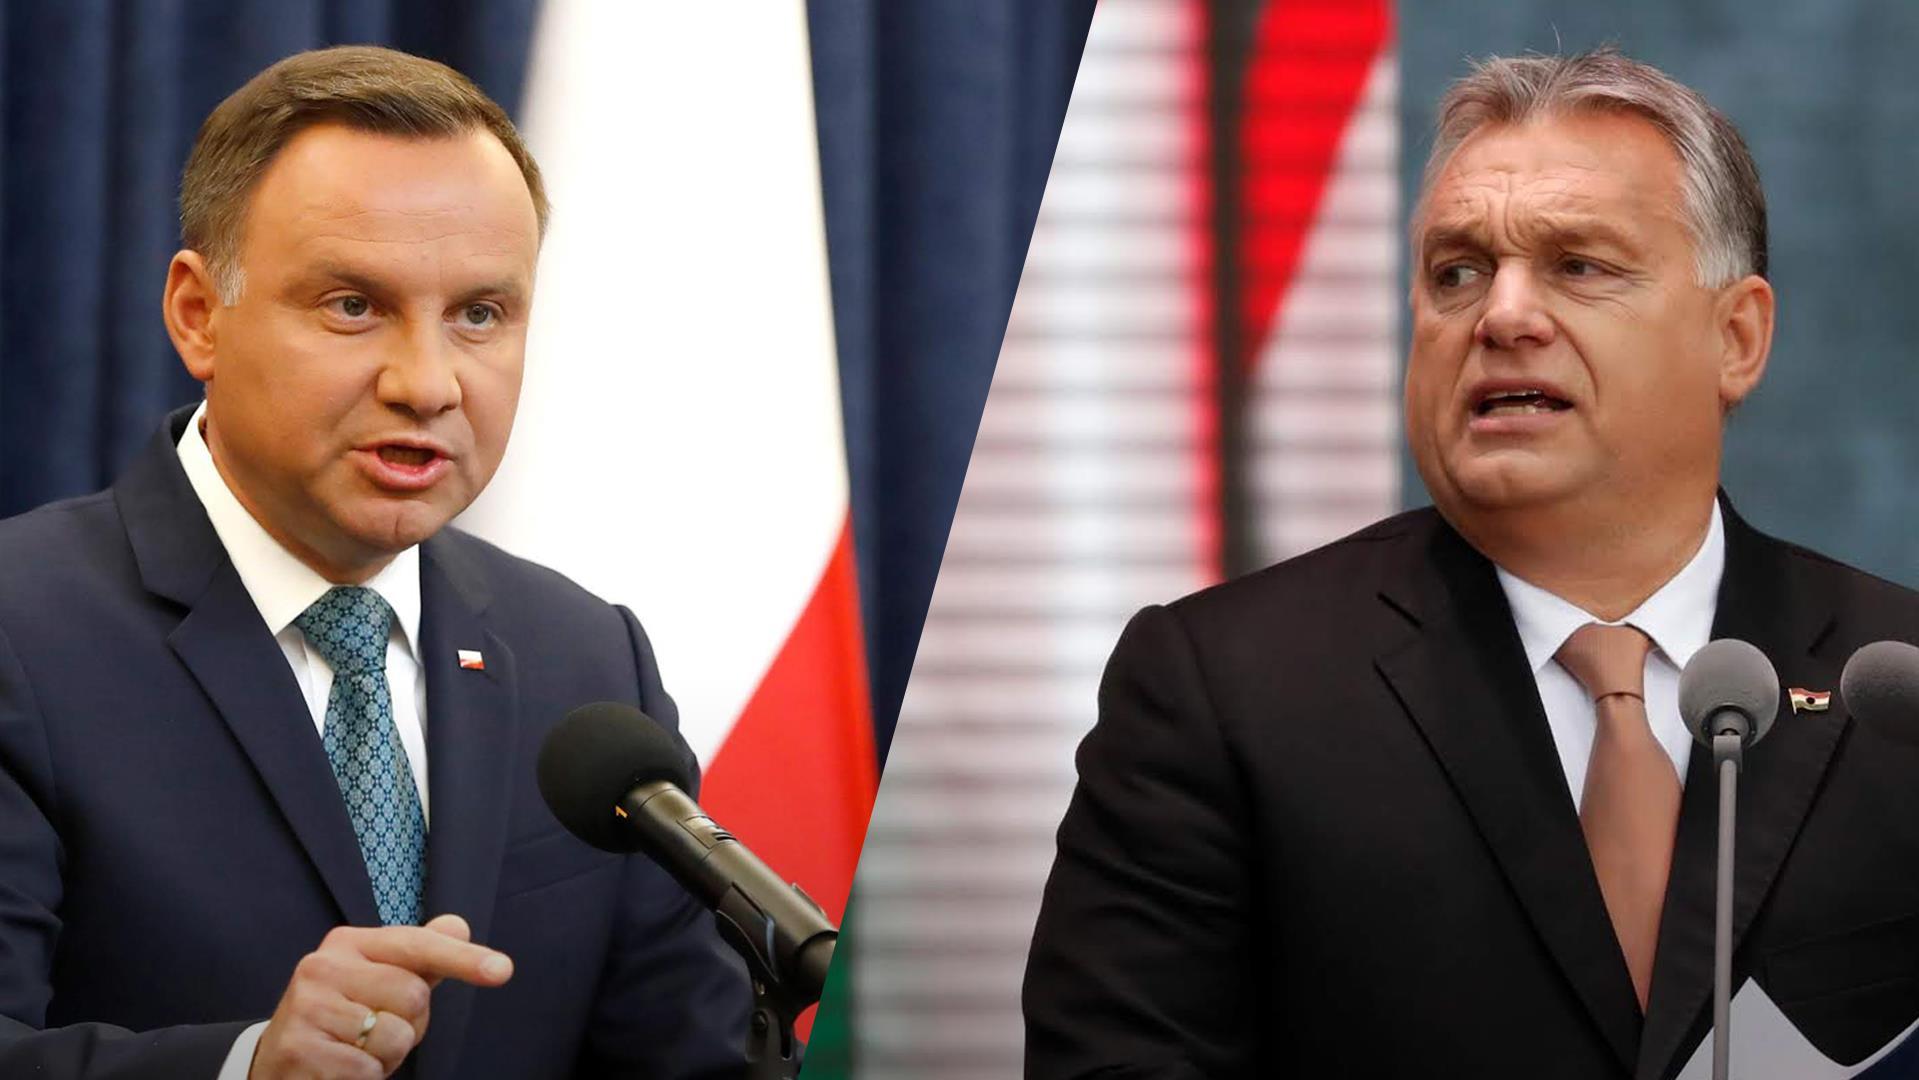 Le président polonais Andrzej Duda et le premier ministre hongrois, Viktor Orban.